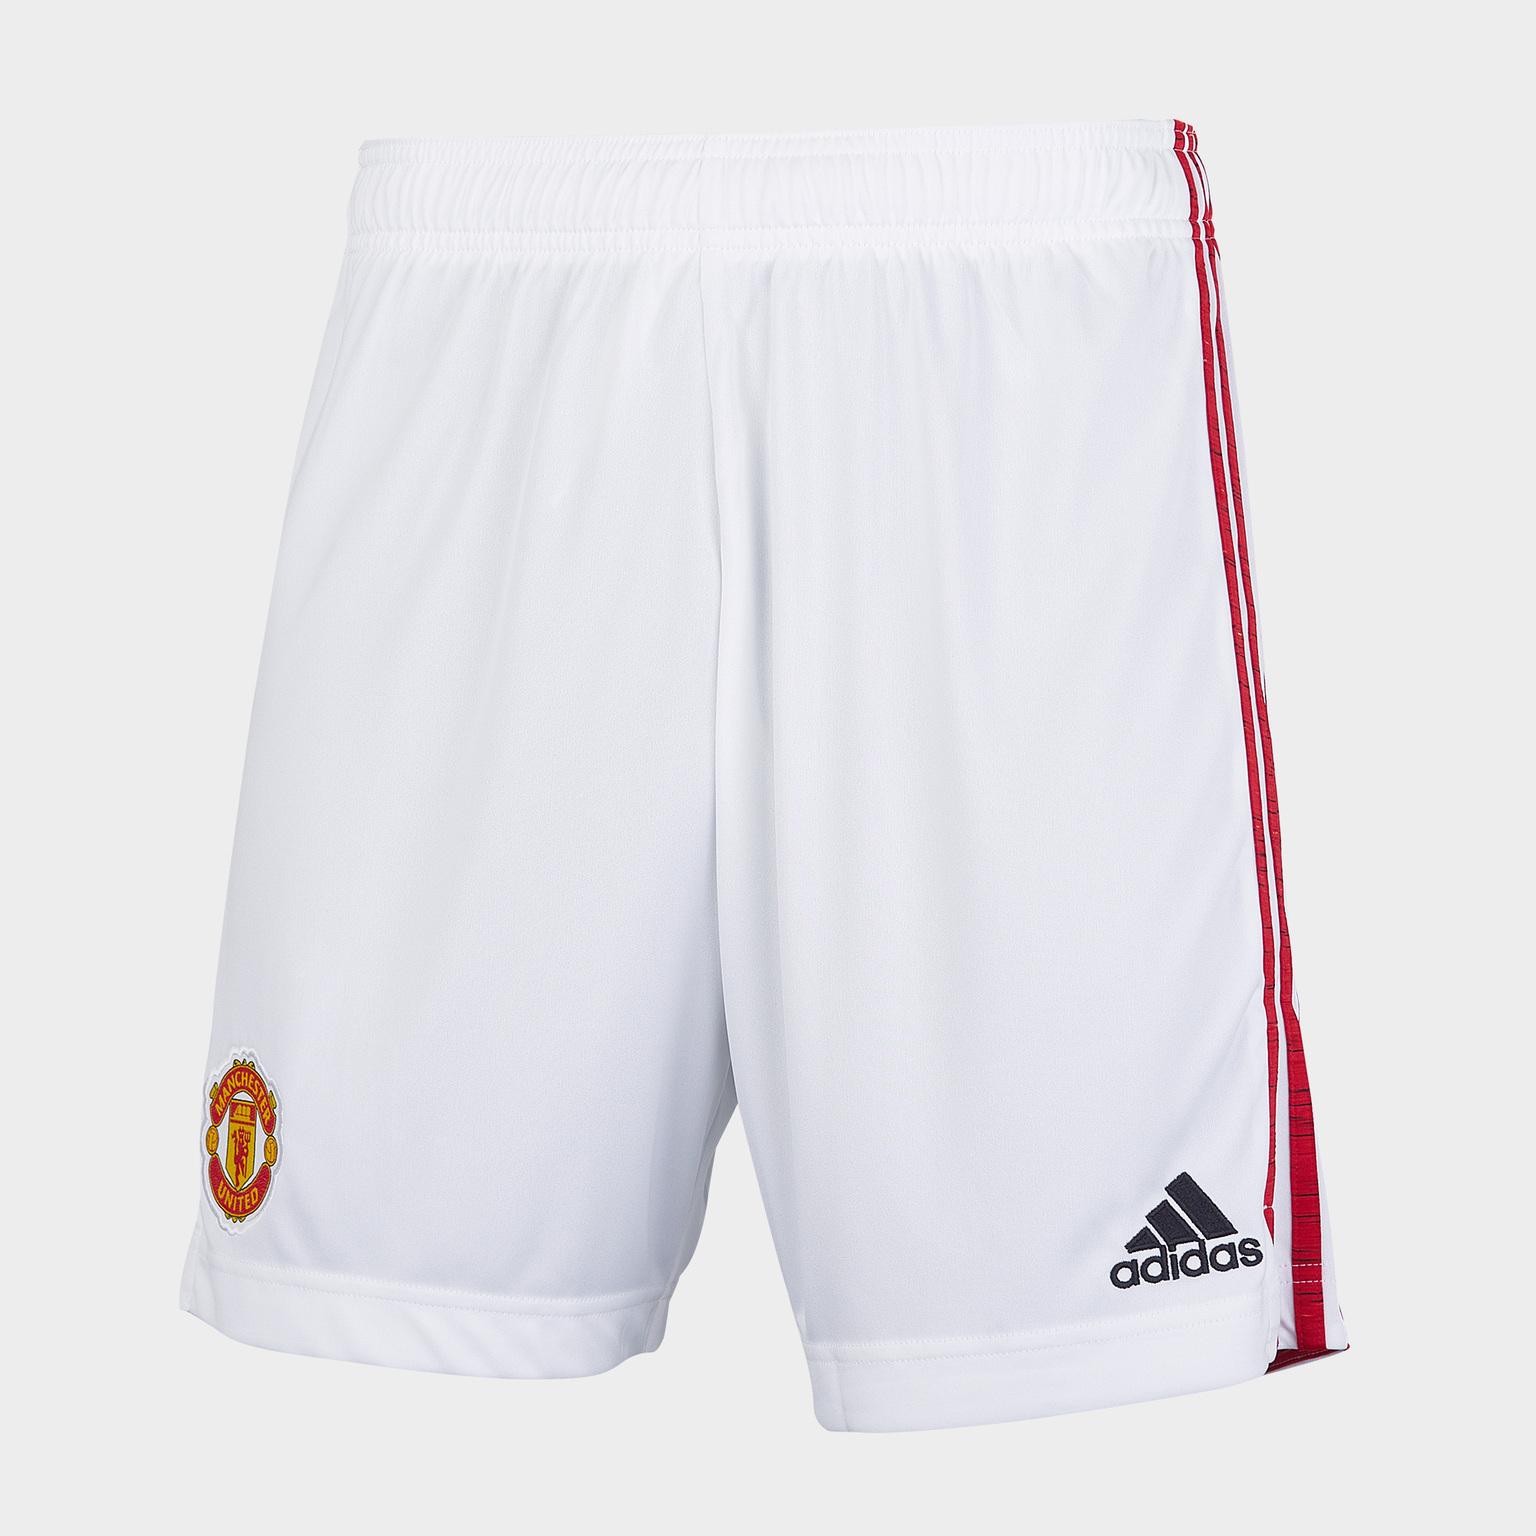 Шорты игровые домашние Adidas Manchester United сезон 2020/21 шорты тренировочные adidas manchester united 2019 20